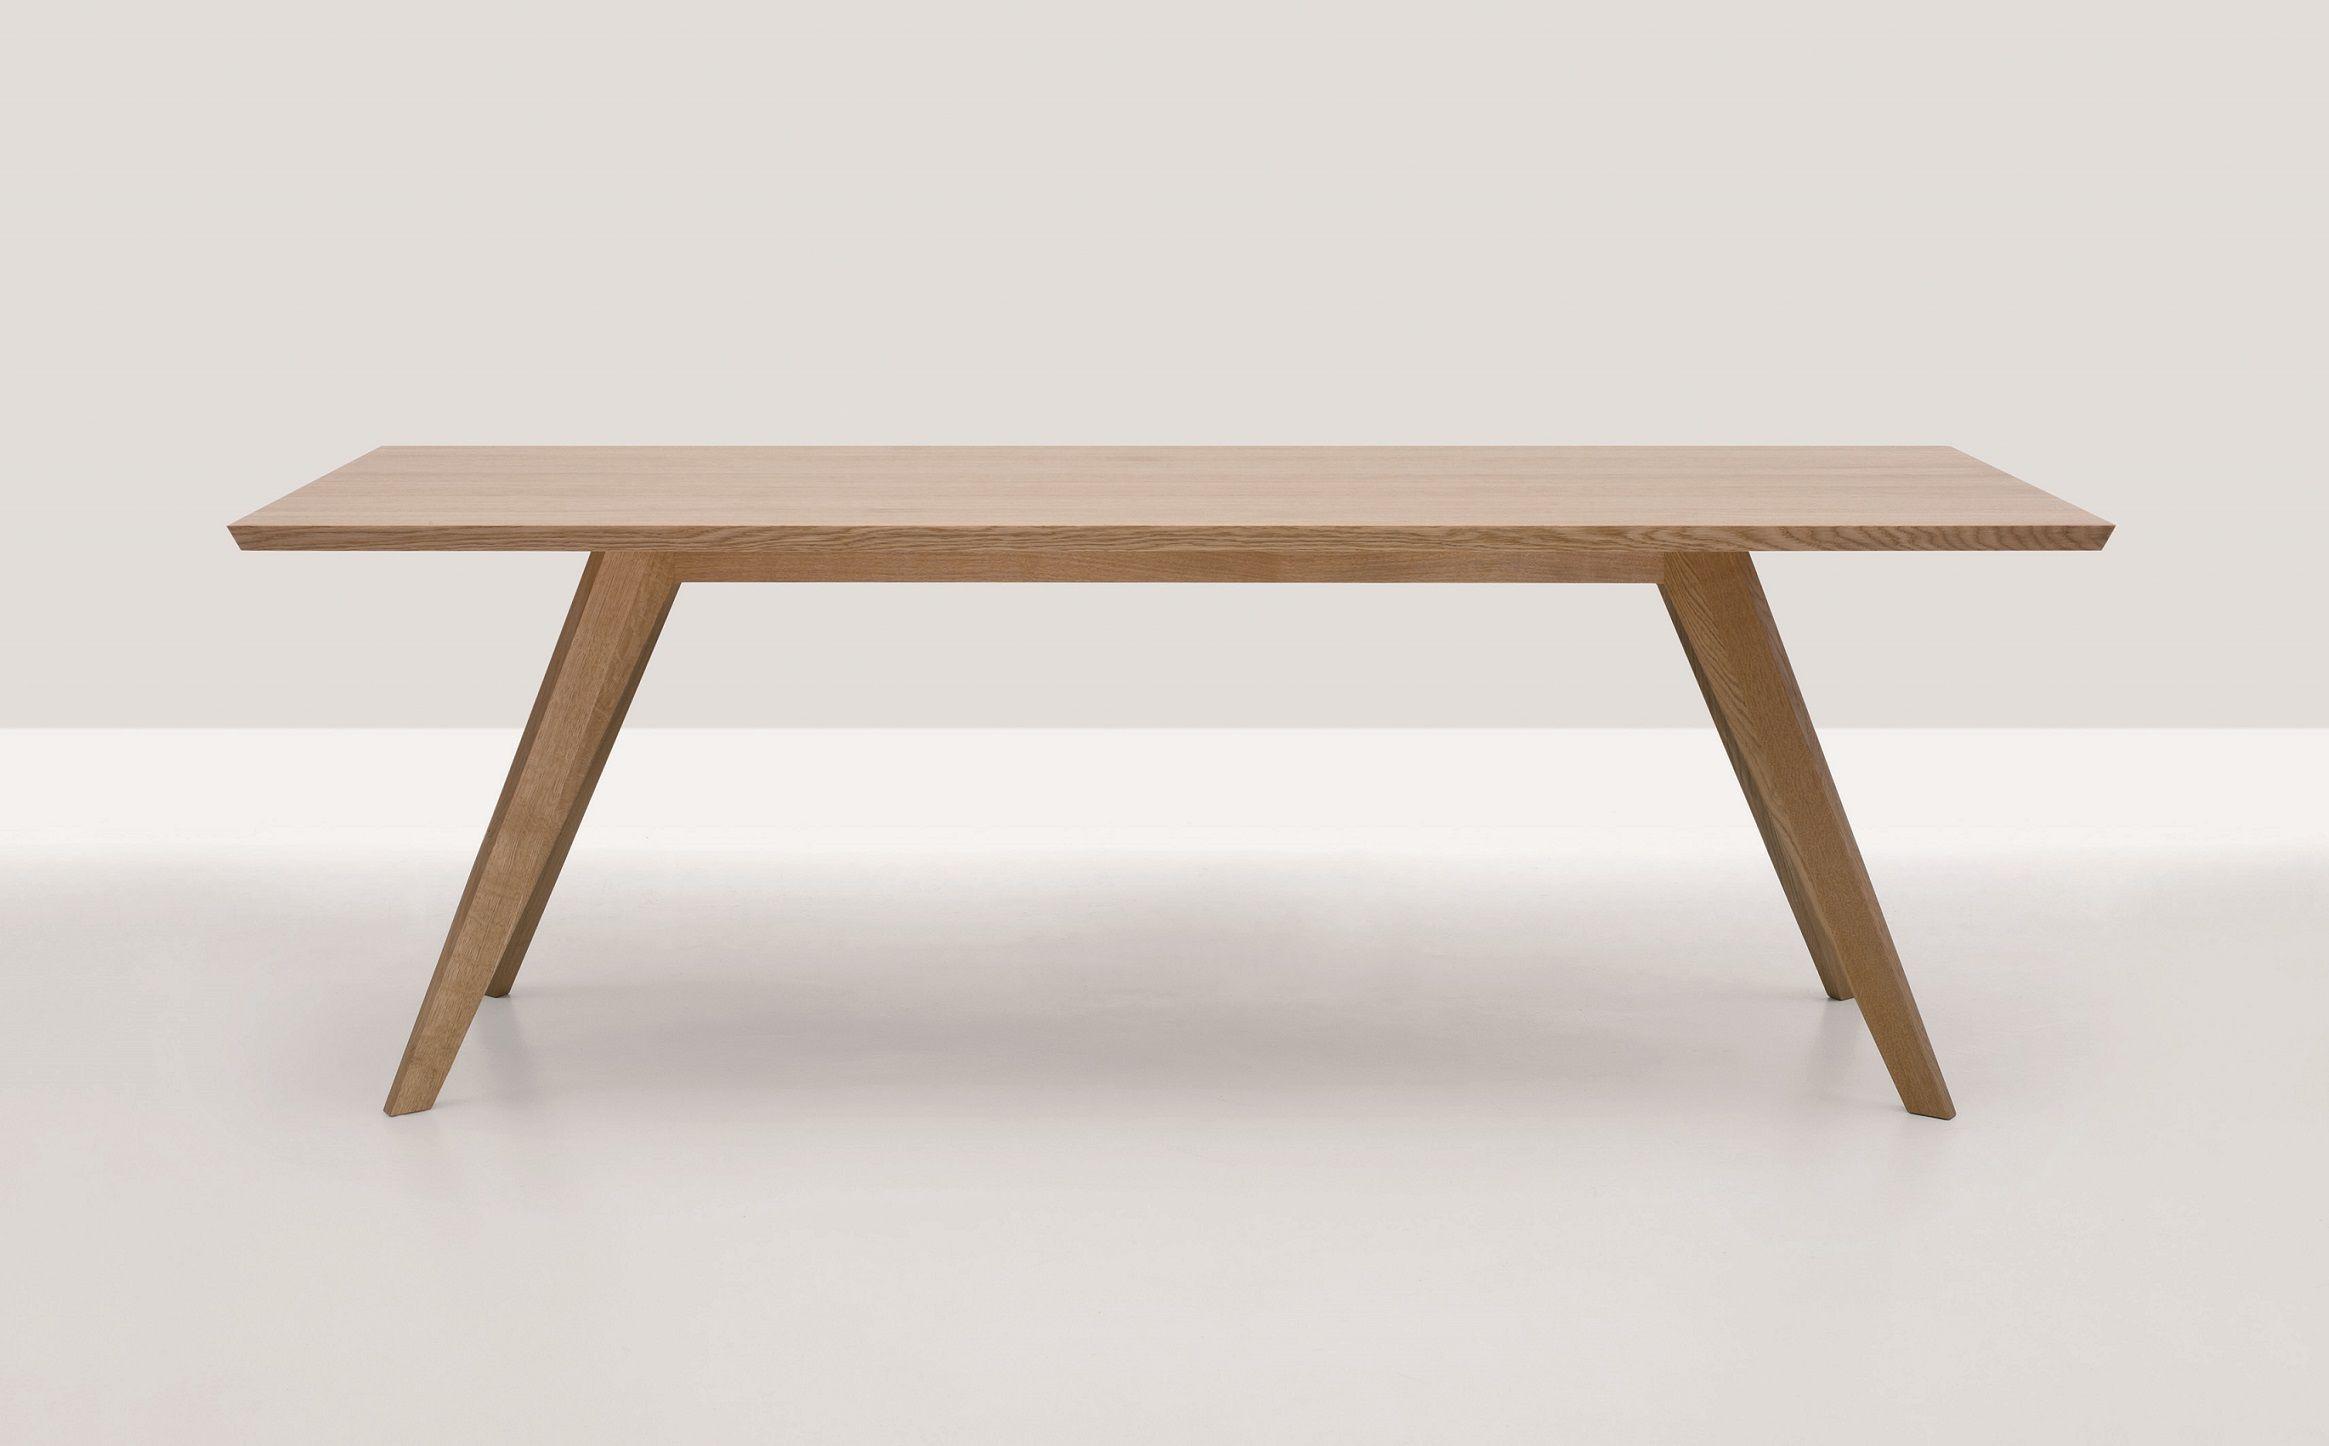 tische und stühle : design und möbel : inneneinrichtung in